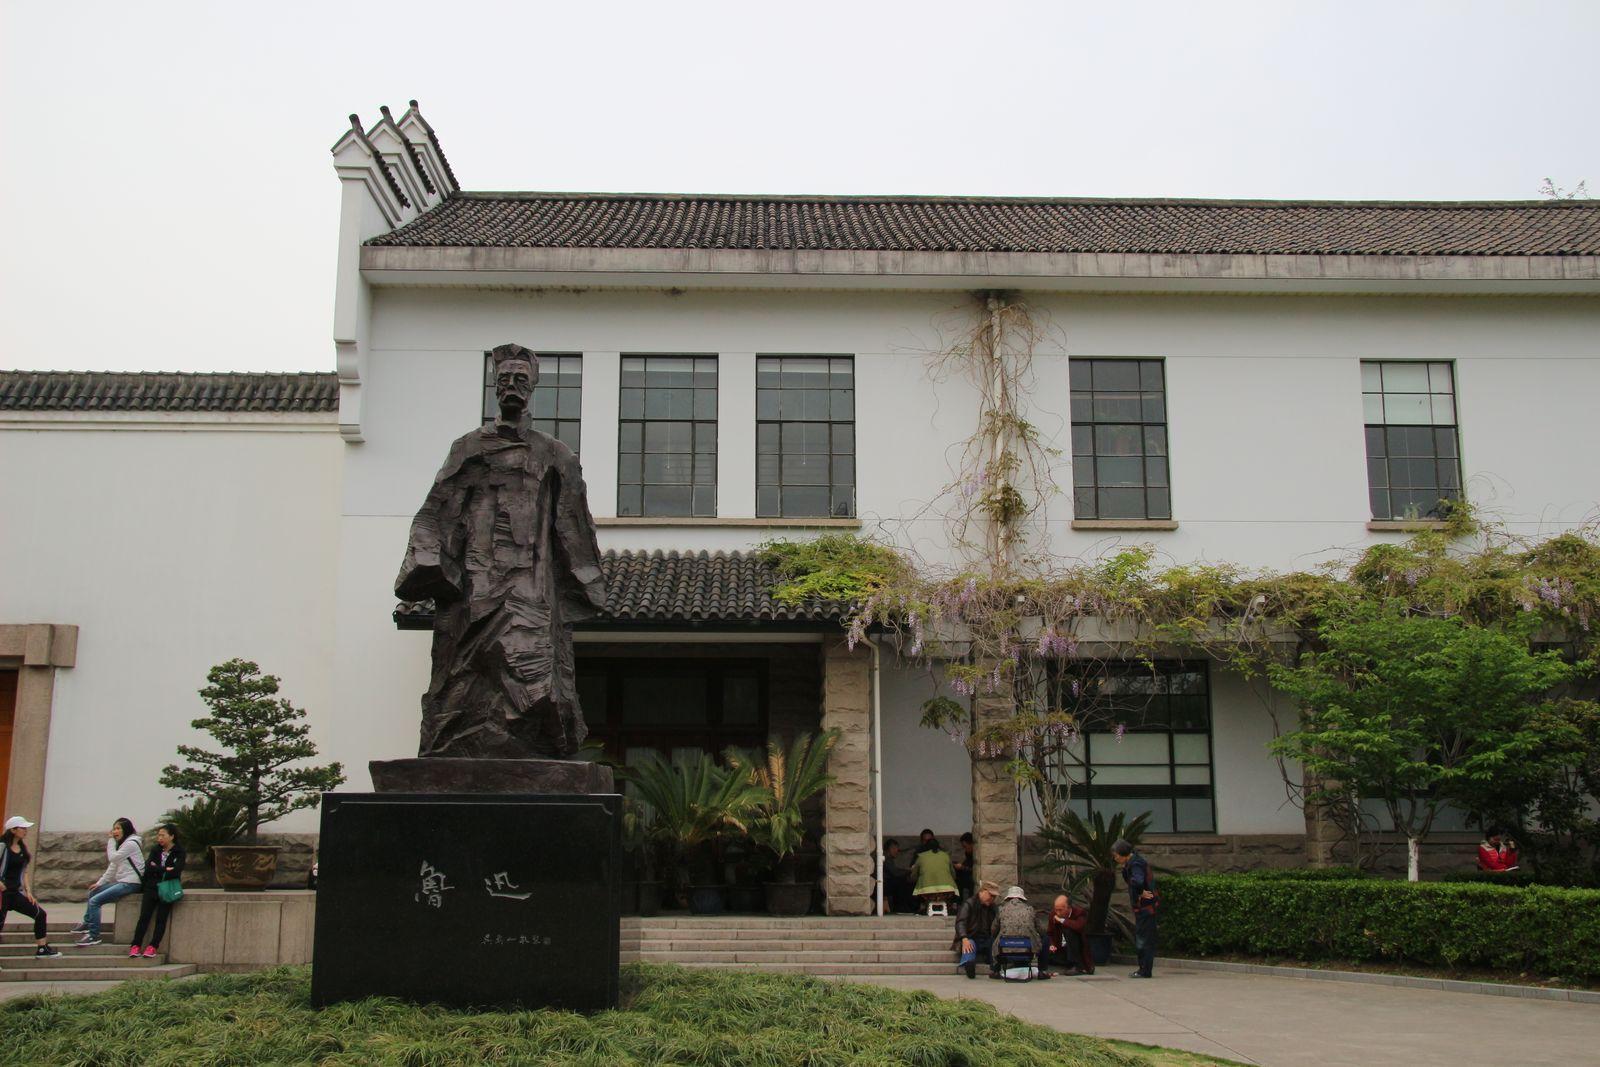 루쉰 공원 안에 위치한 루쉰 기념관.